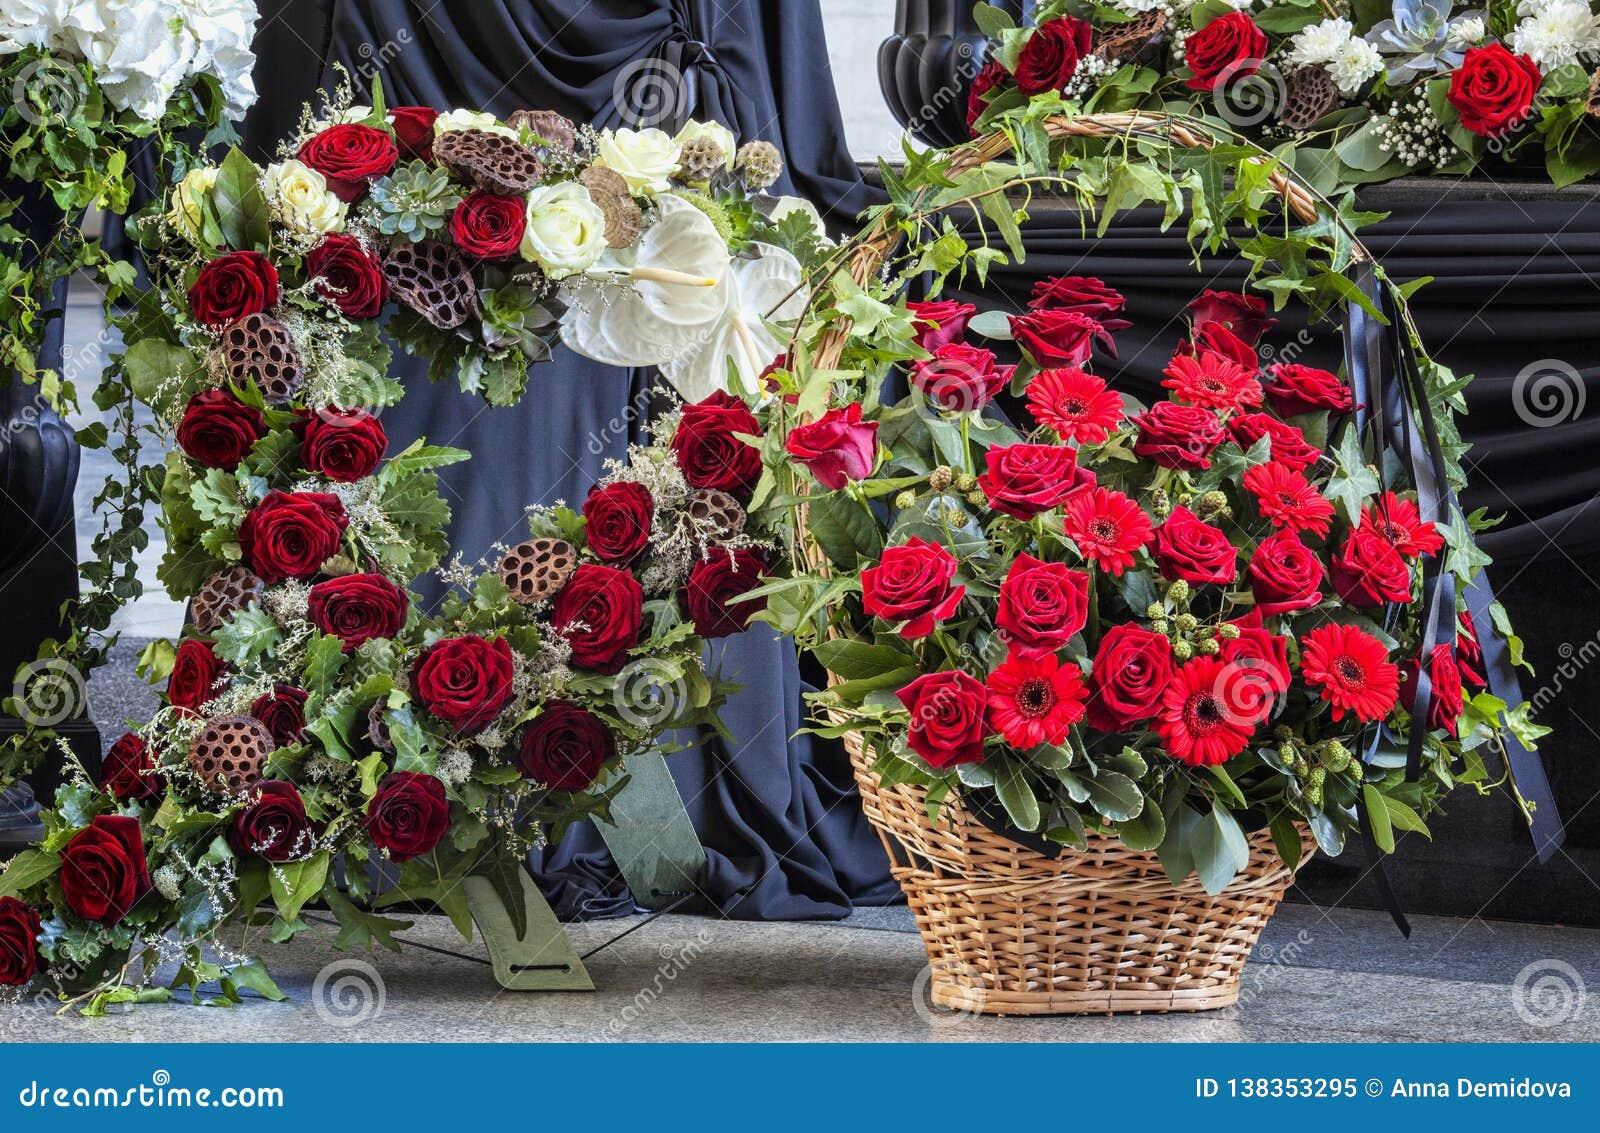 Enterrement, admirablement décoré du cercueil de compositions florales